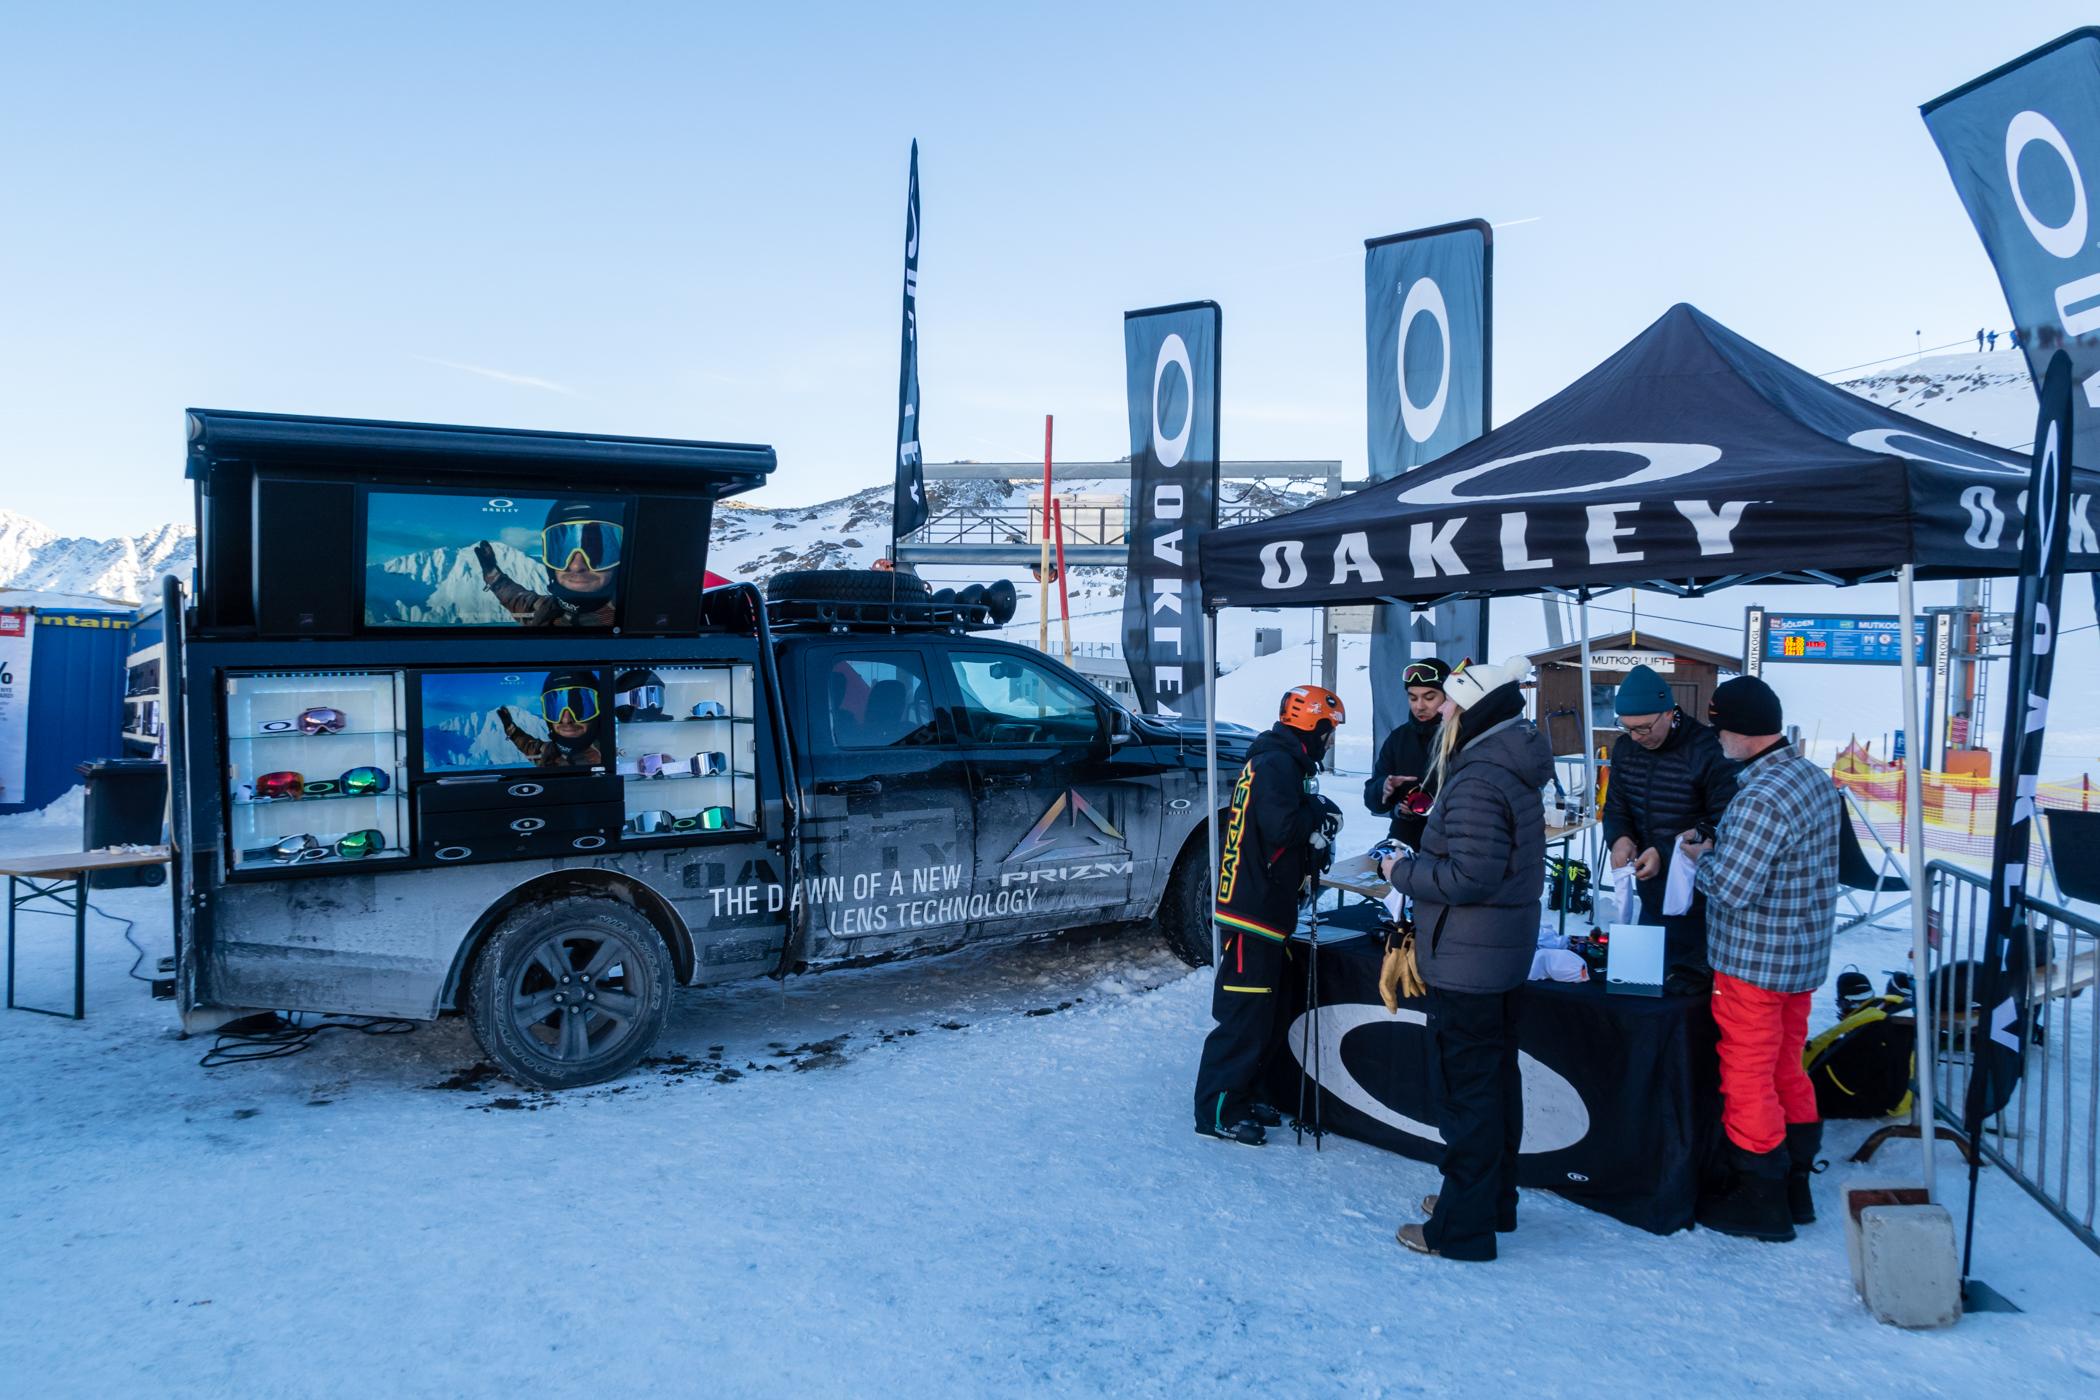 Sæsonens nyeste goggles kan prøves og købes hos Oakley // Foto: Troels Kjems